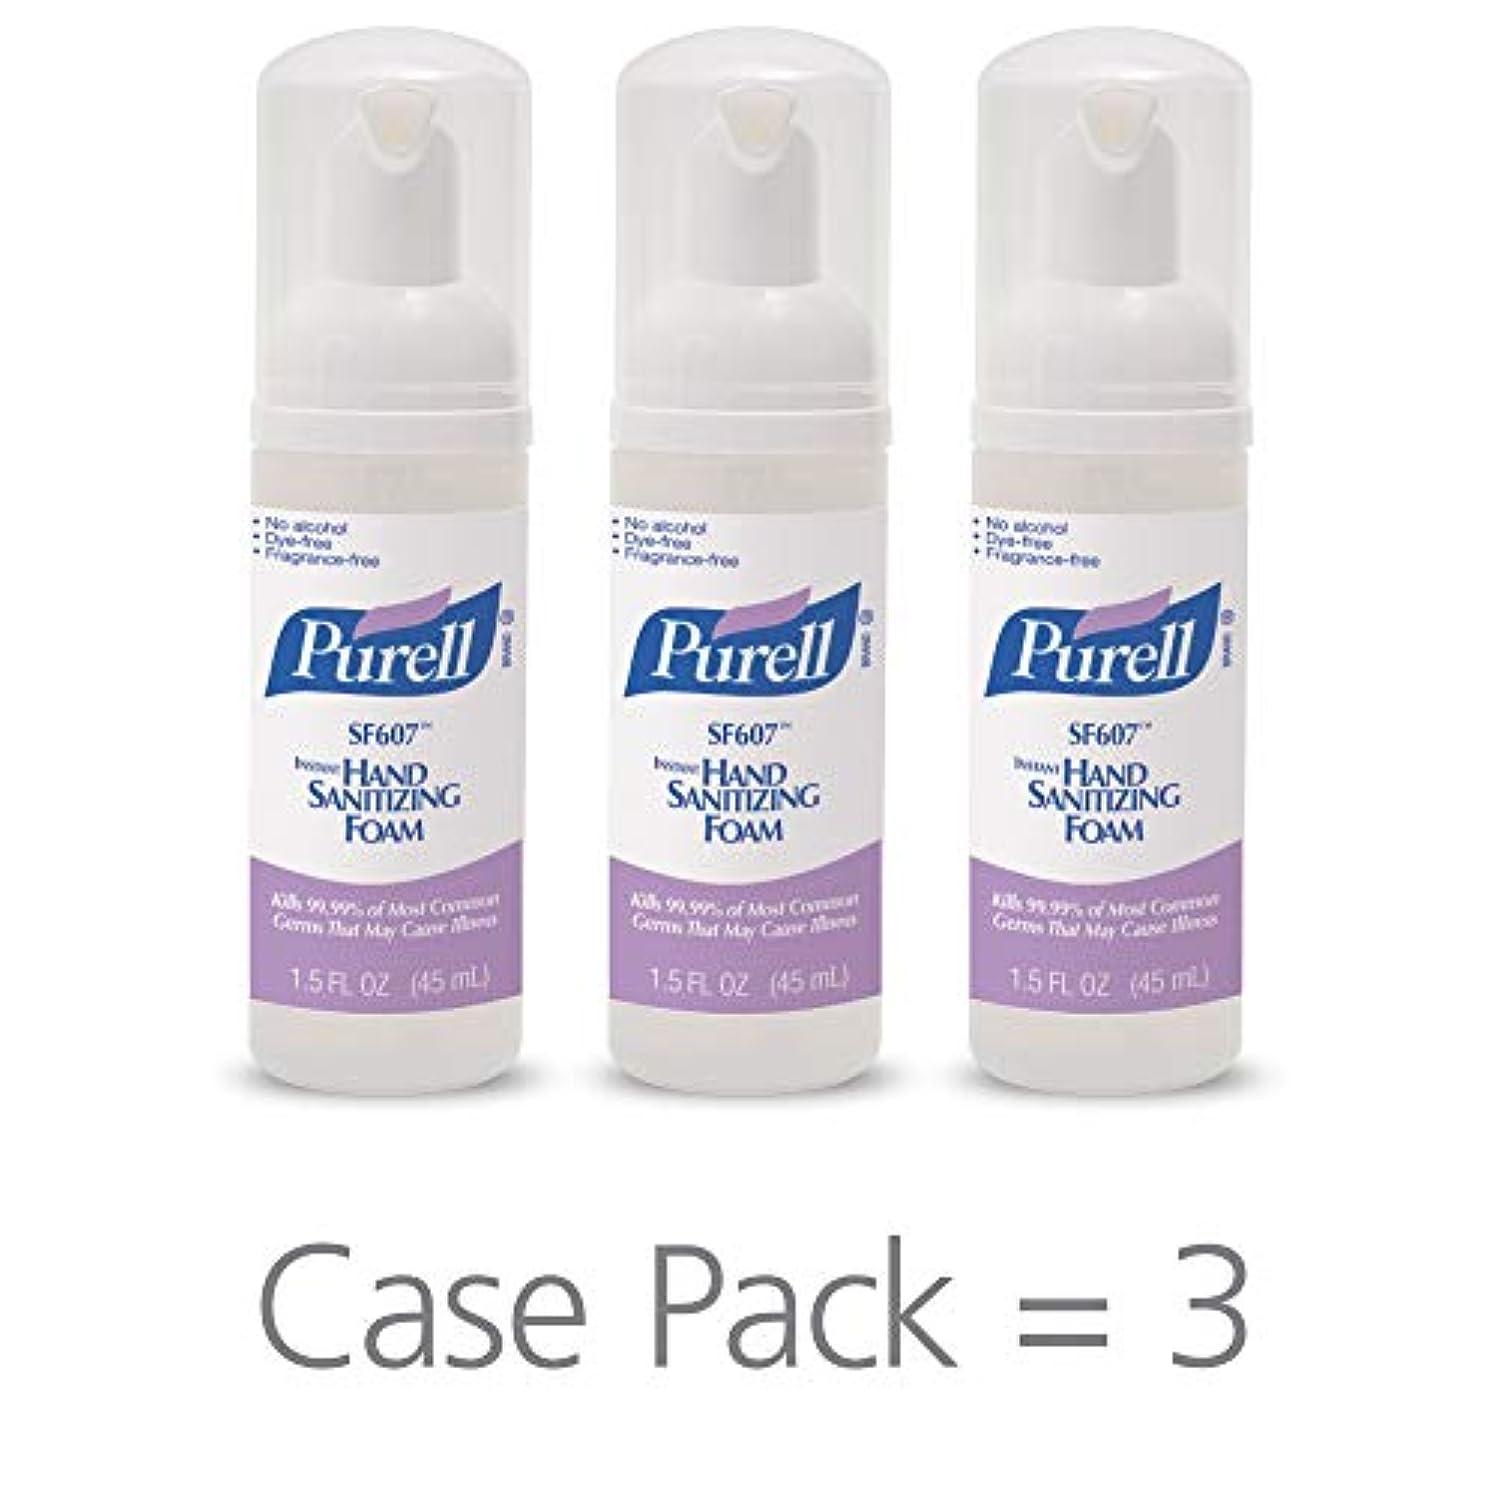 開業医月面肯定的PURELL SF607手の消毒液フォームポンプボトル ポータブル 45ml 24本ケース 5684-24